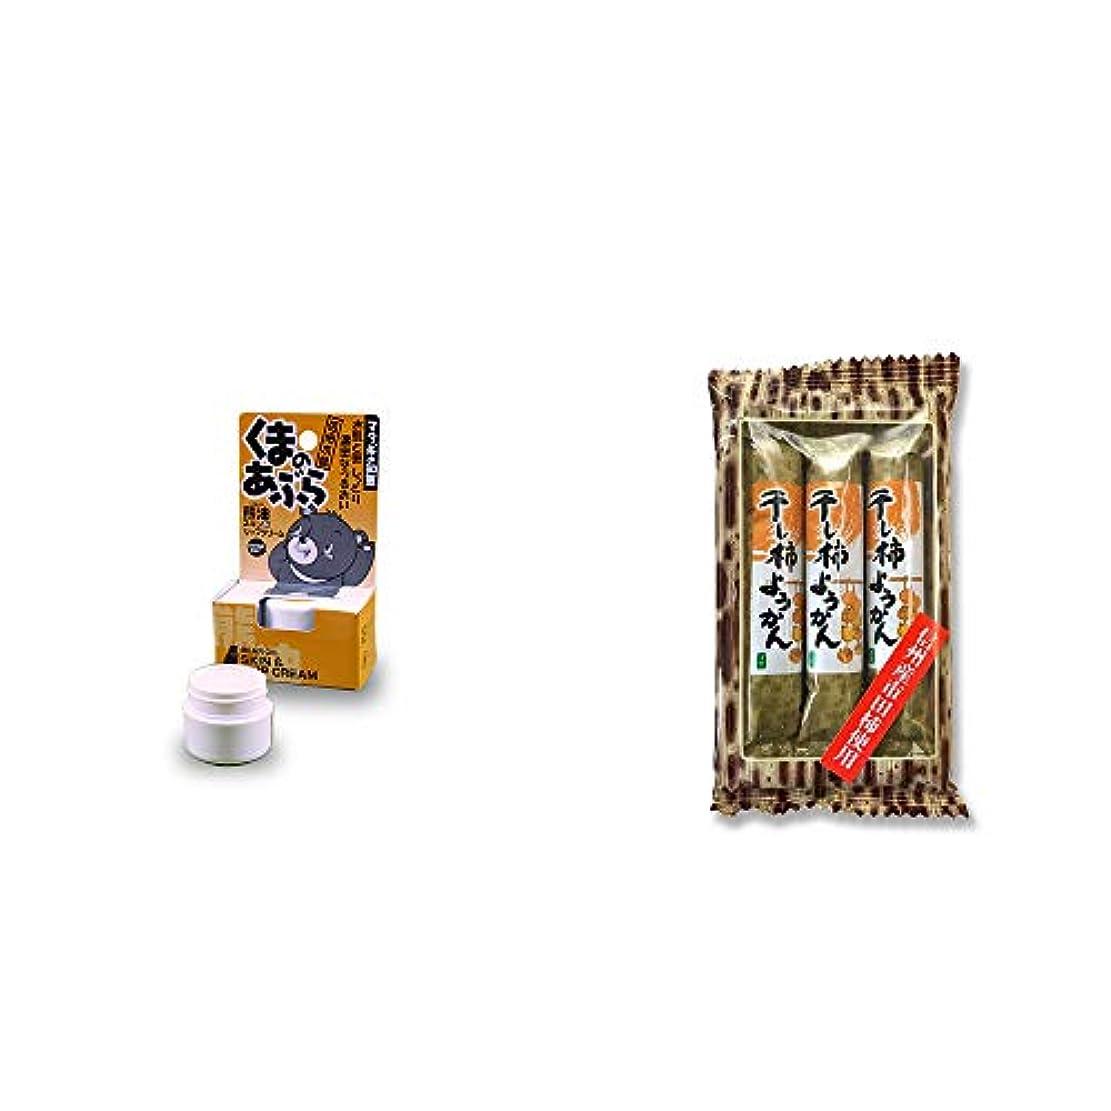 パーフェルビッド乳製品献身[2点セット] 信州木曽 くまのあぶら 熊油スキン&リップクリーム(9g)?信州産市田柿使用 スティックようかん[柿](50g×3本)